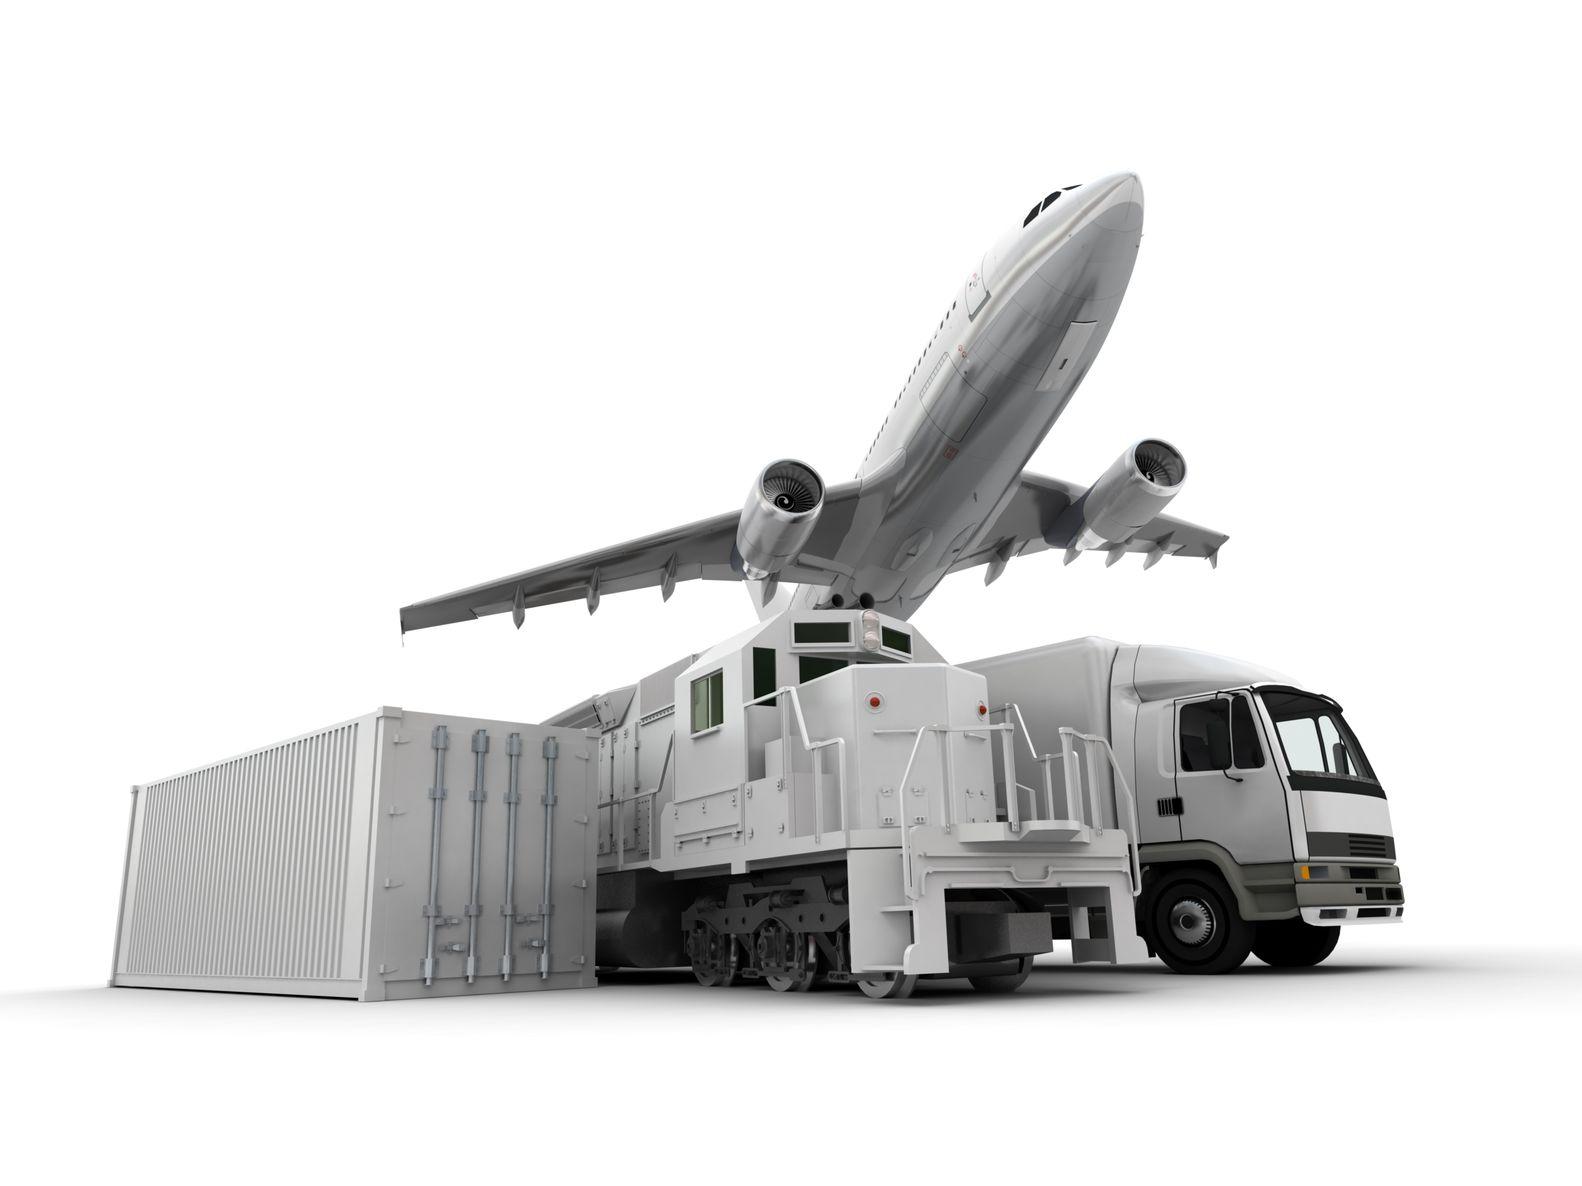 Seguros de transporte de mercancías terrestre, marítimo, aéreo o multimodal